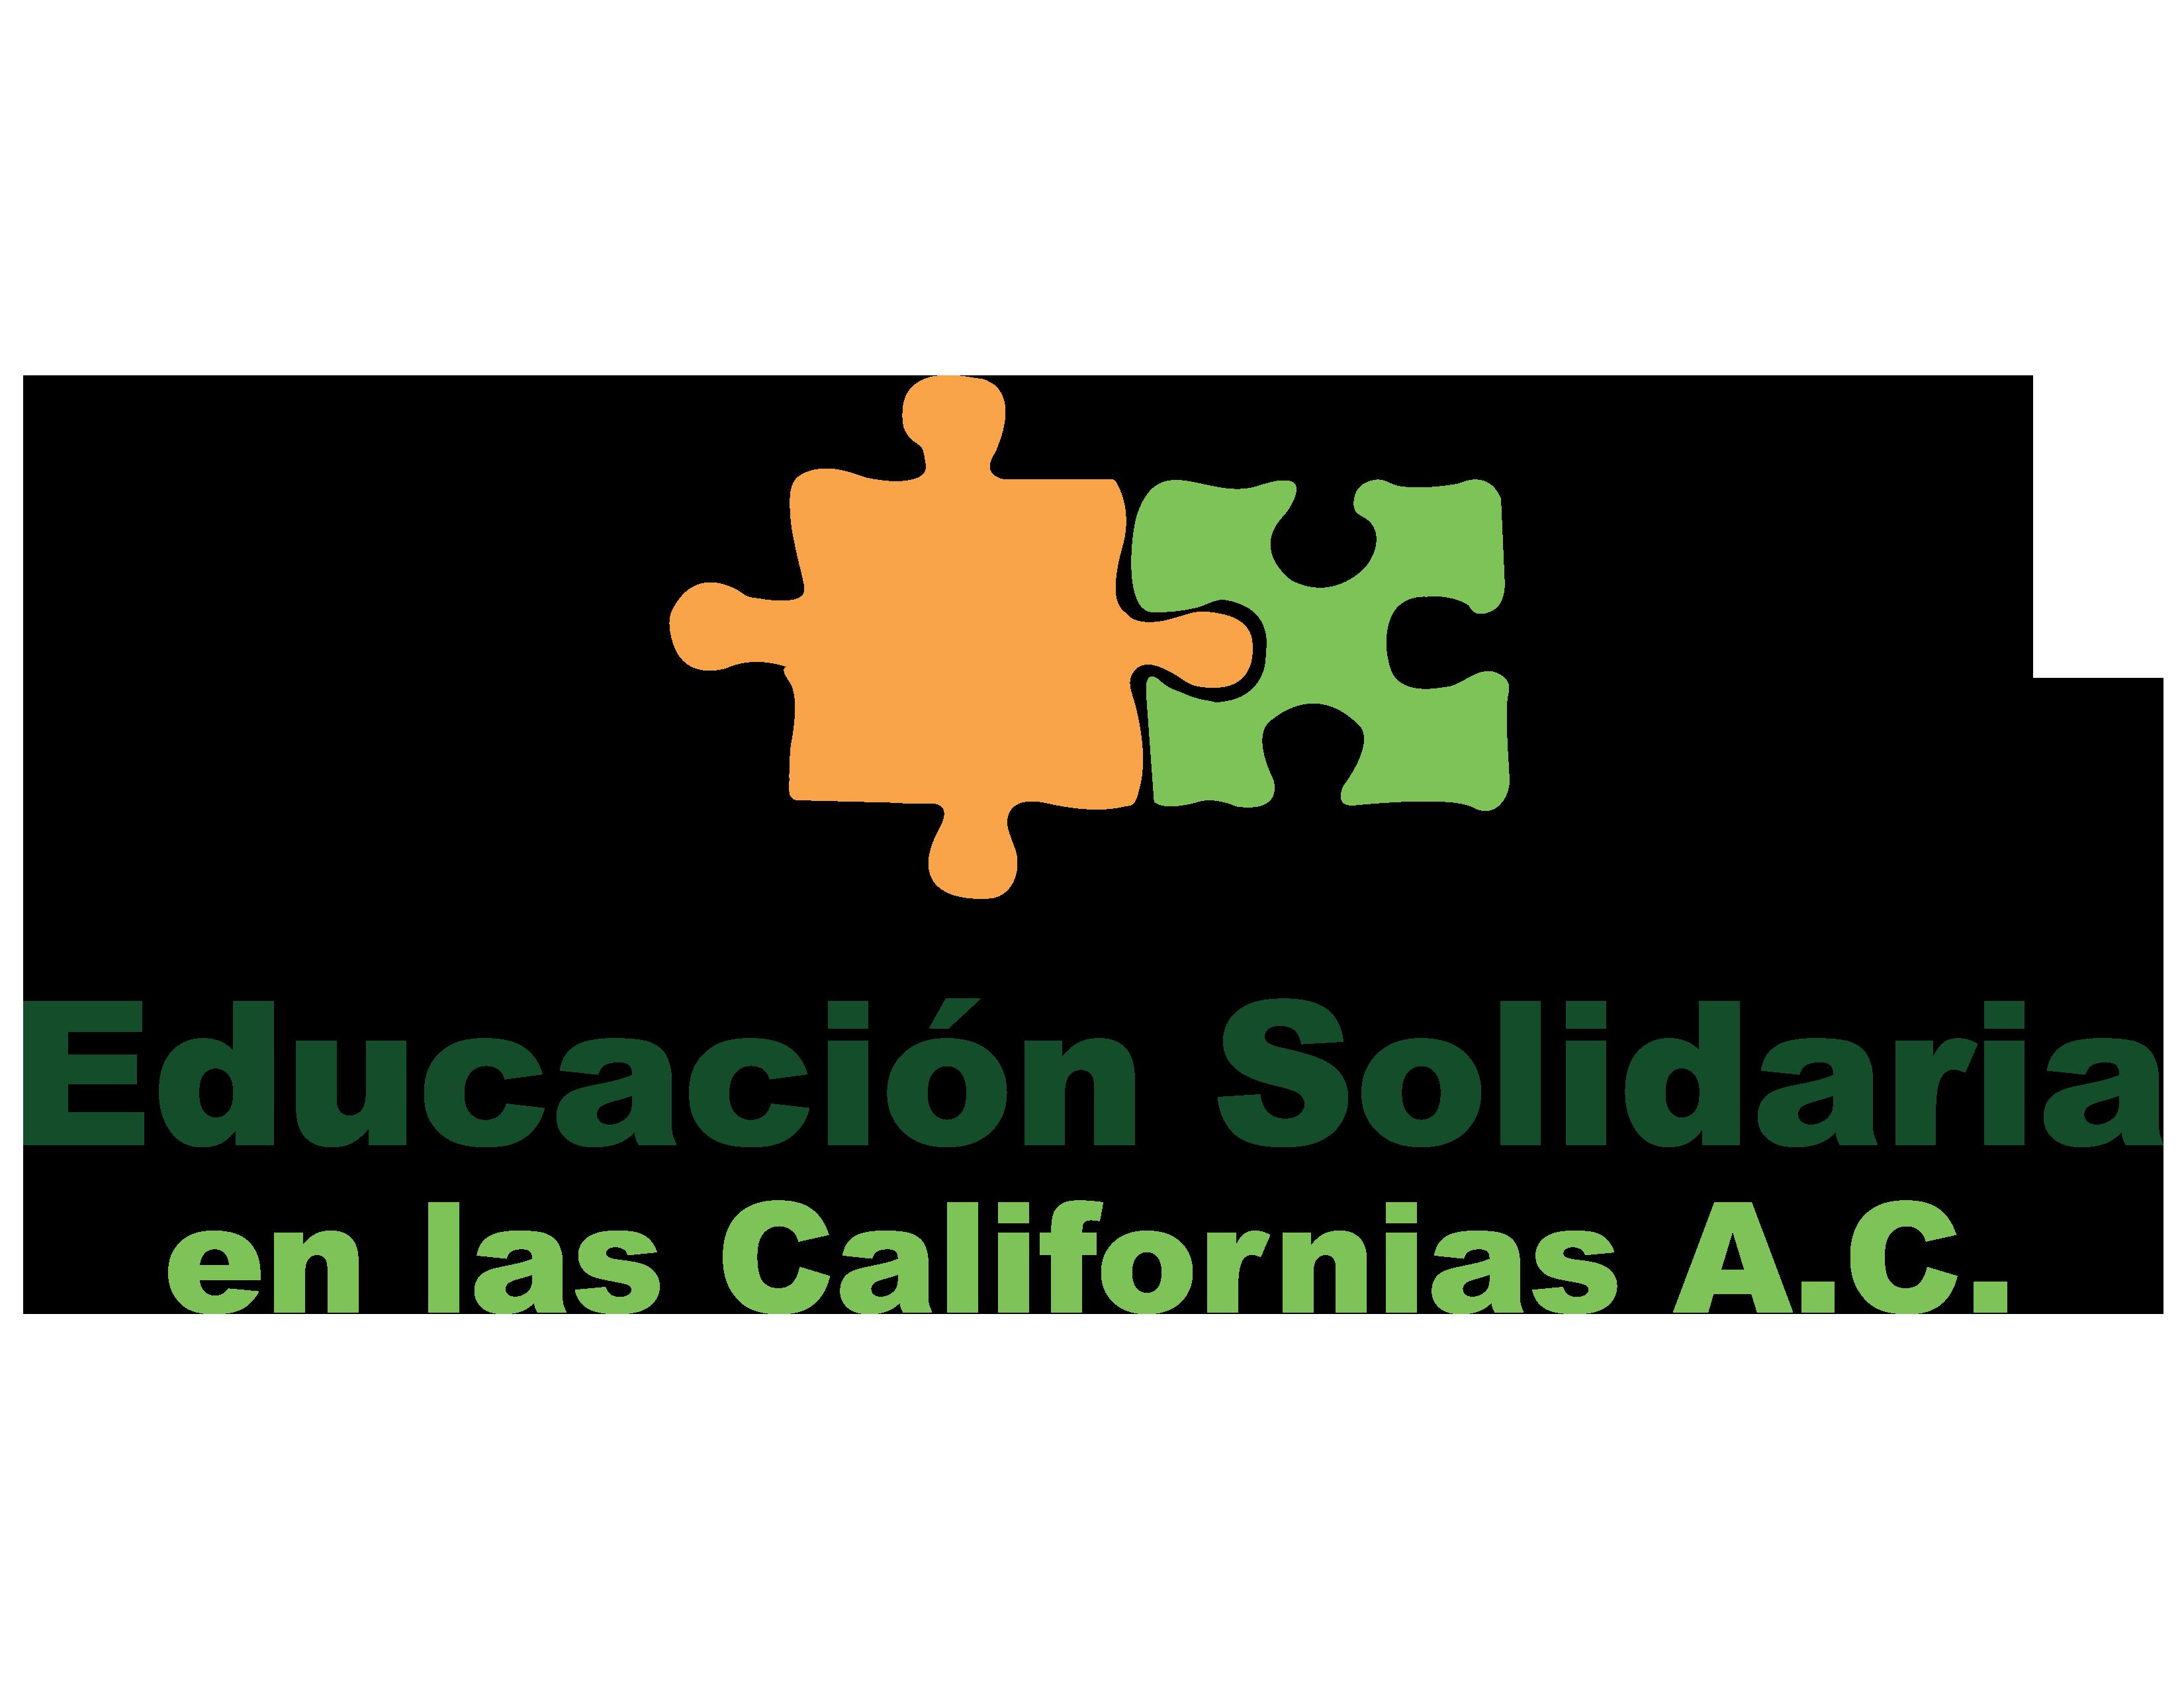 Educación Solidaria en las Californias